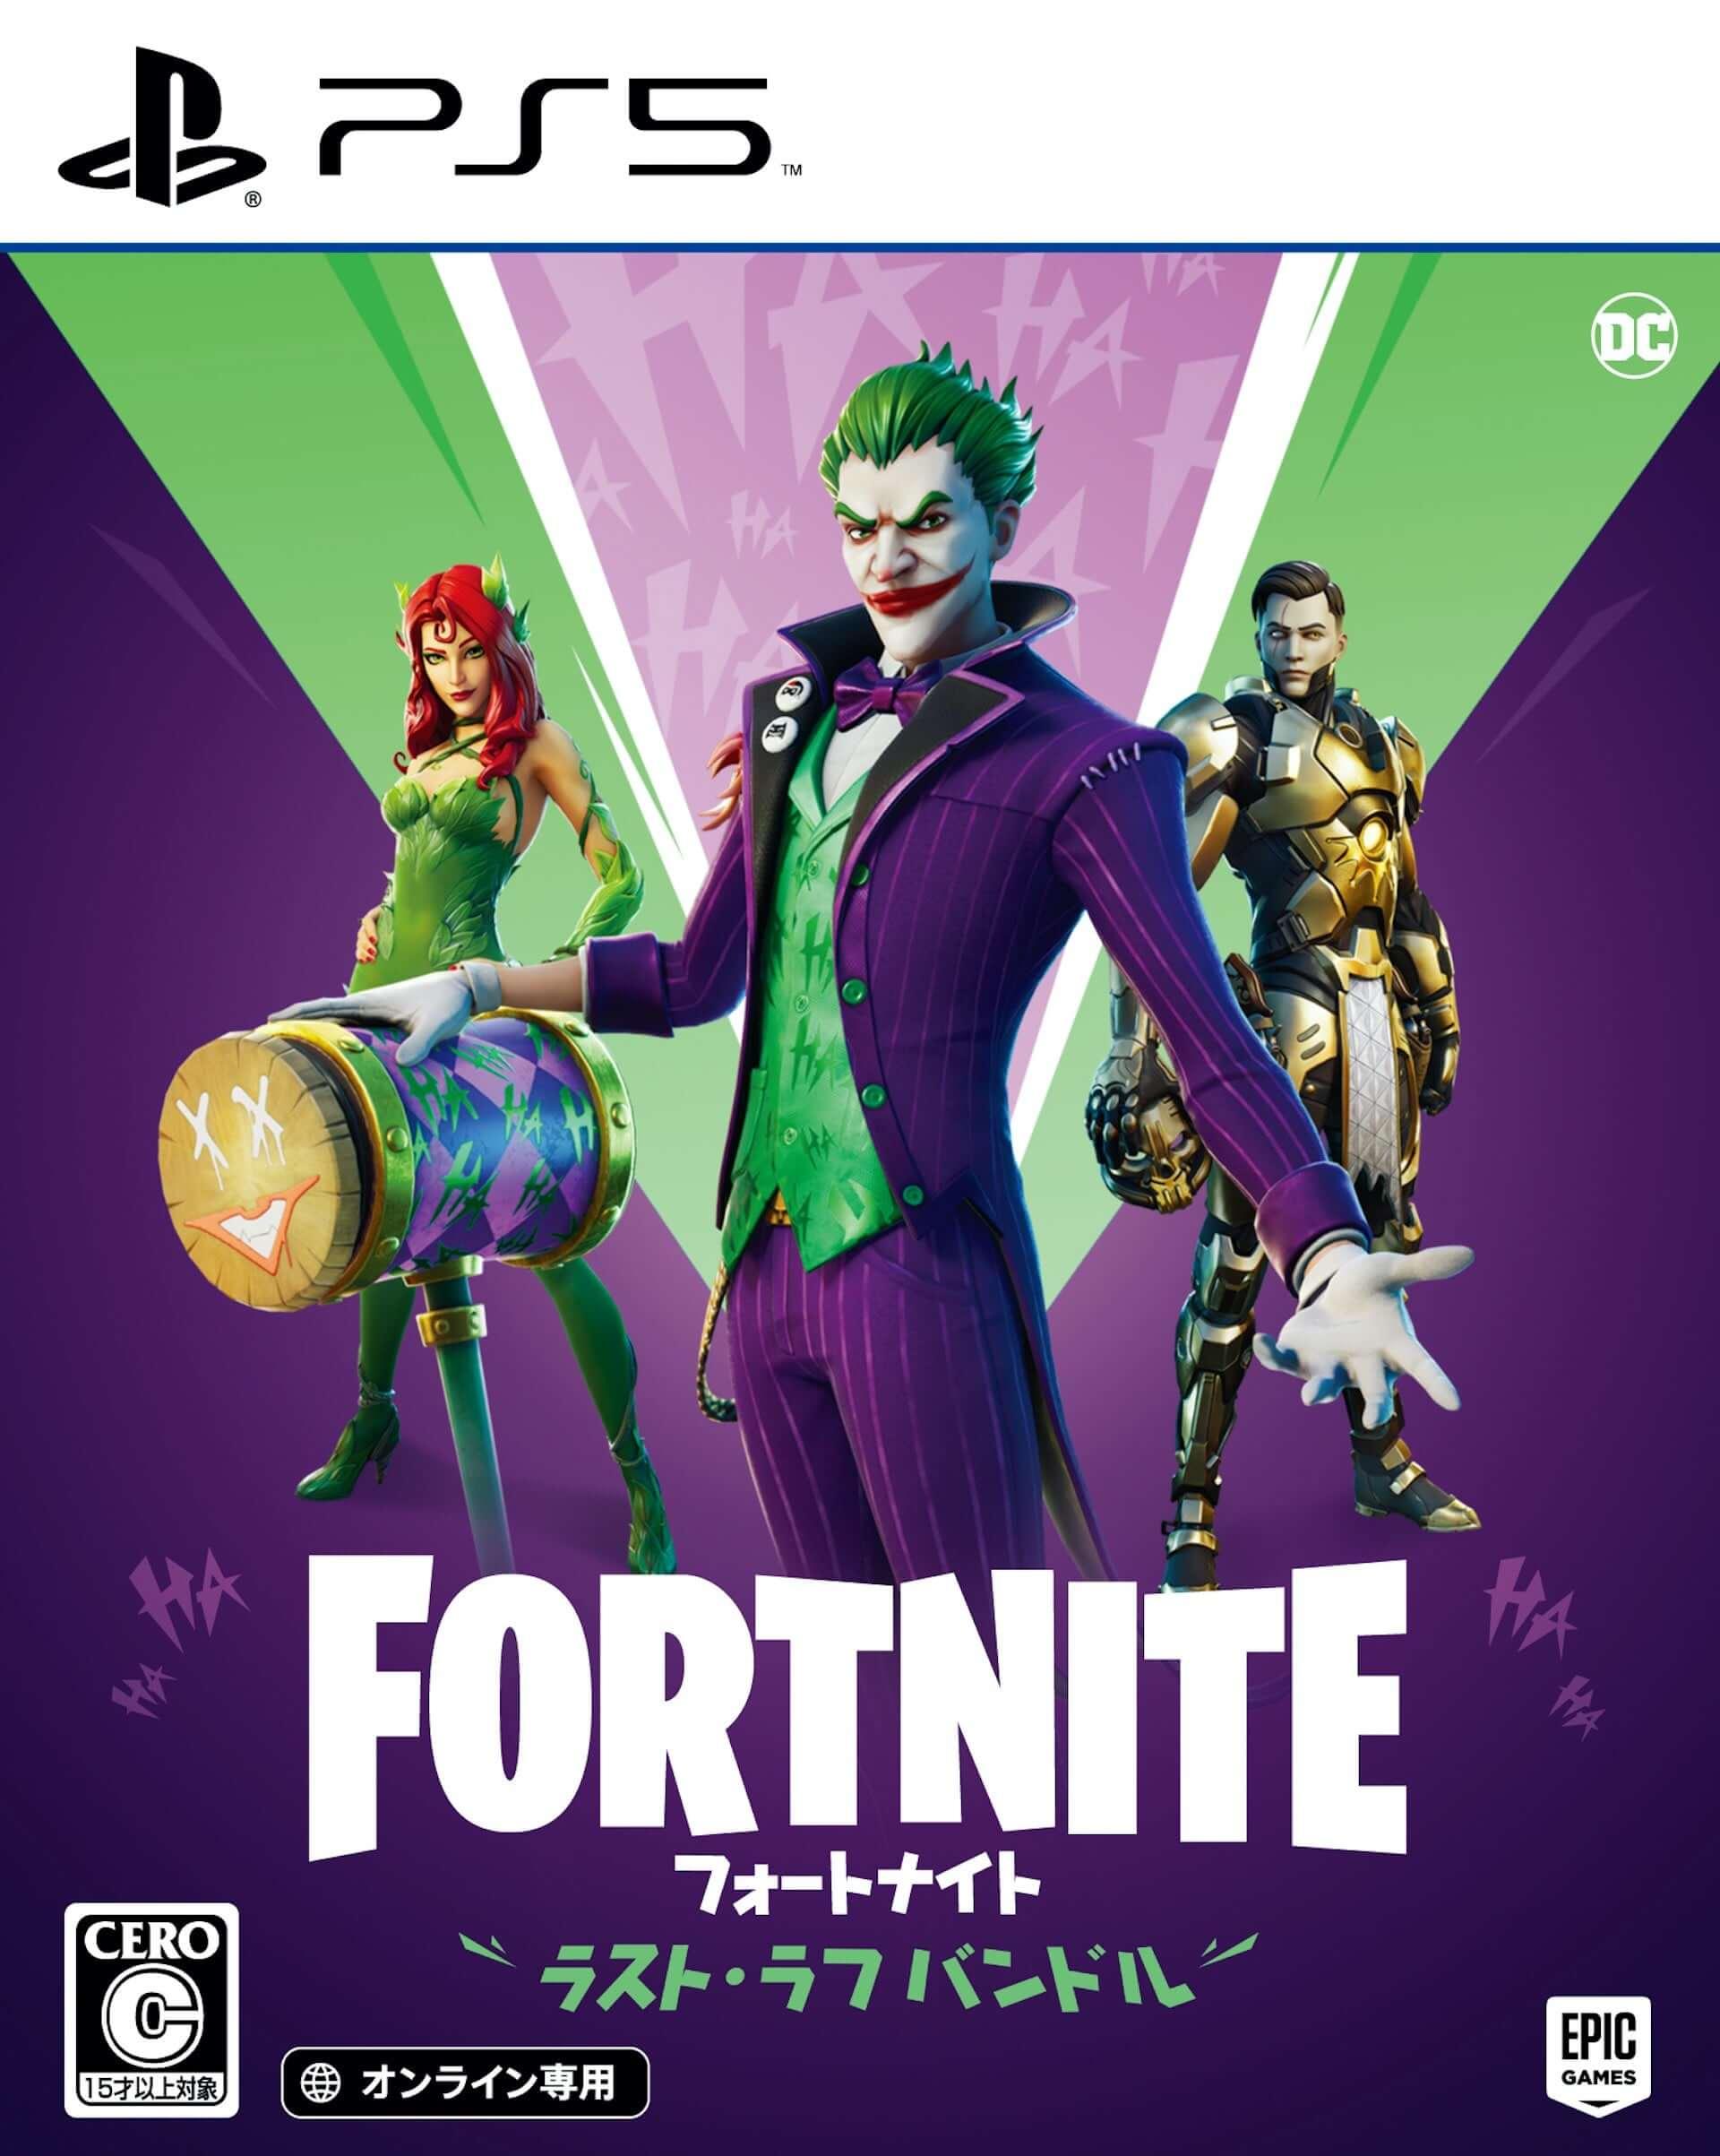 『フォートナイト』の最新バンドル「ラスト・ラフ バンドル」がPlayStation 4&5、Nintendo Switch向けに本日発売!スペシャルアイテムなど多数収録 art201117_fortnite_5-1920x2406